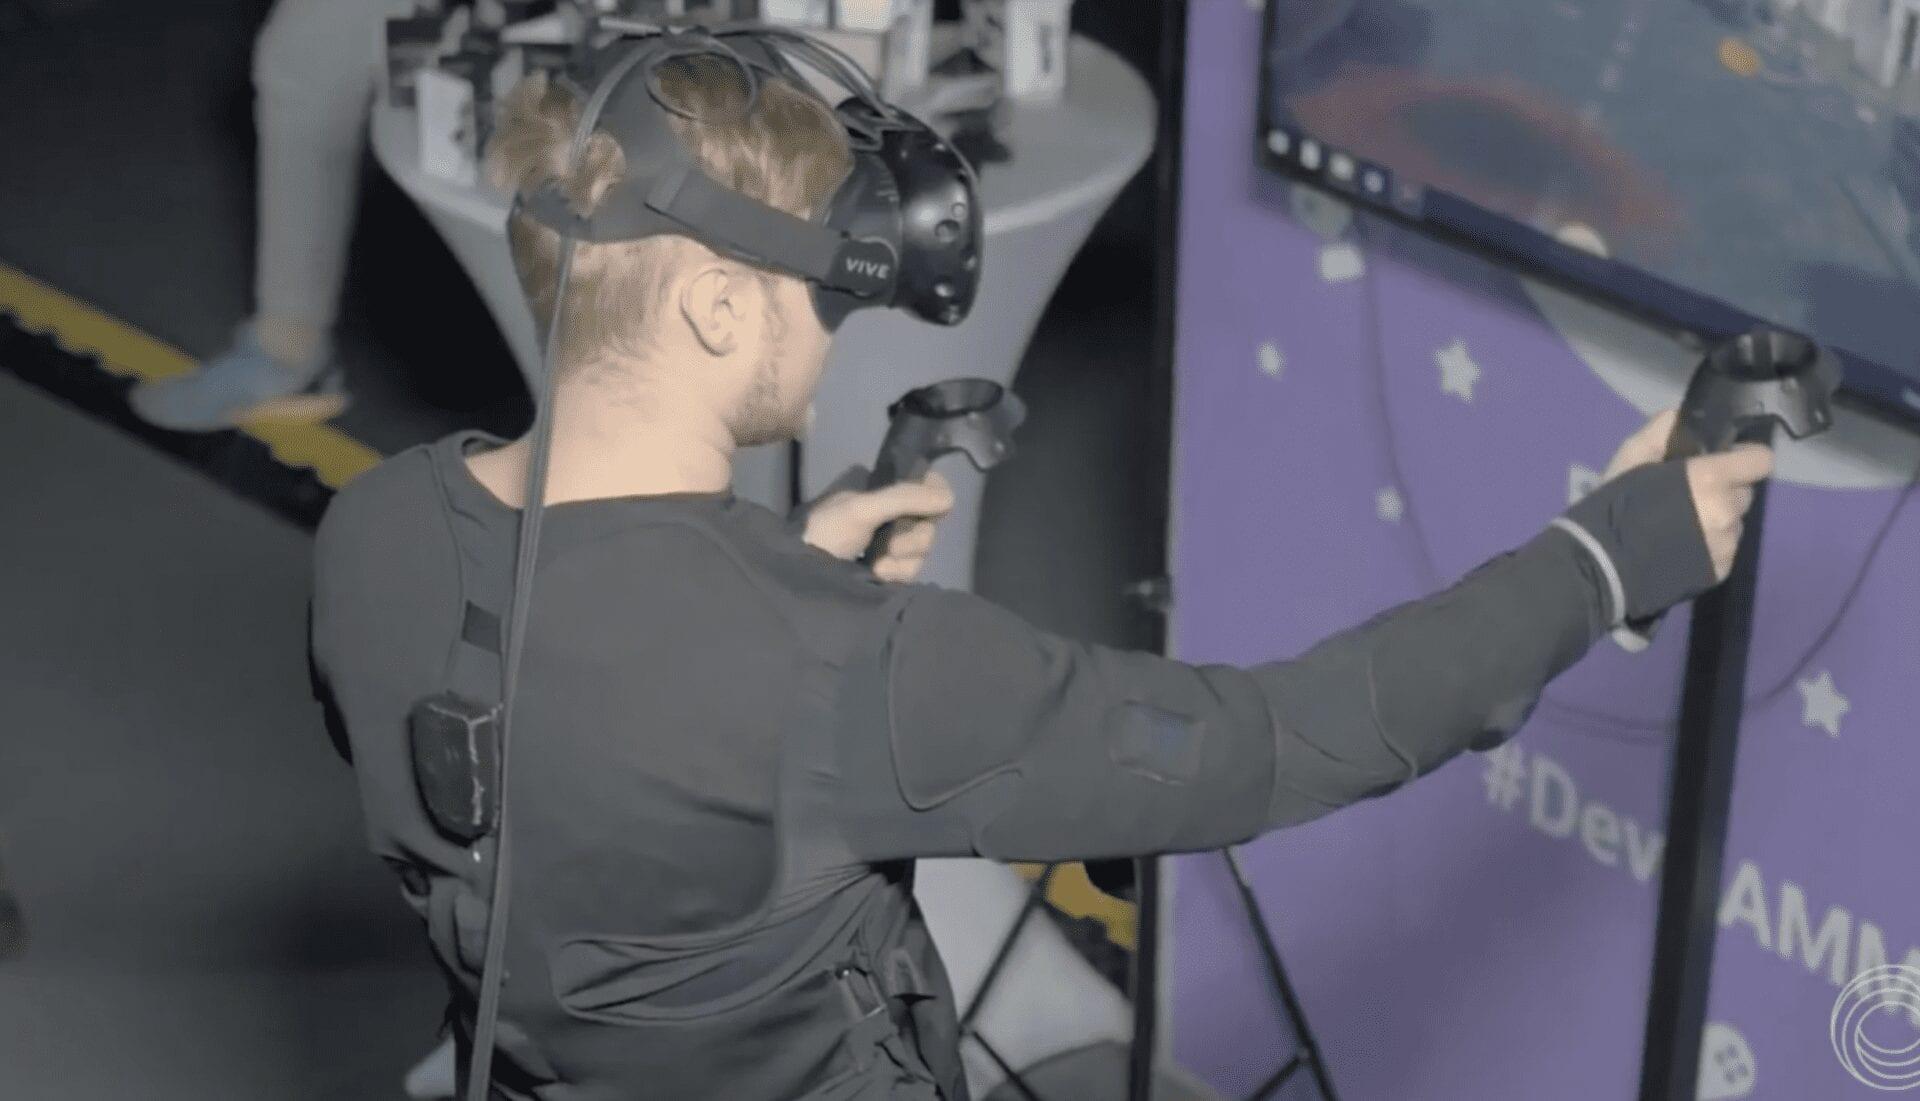 Teslasuit VR haptic suit at DevGAMM 2017 Minsk